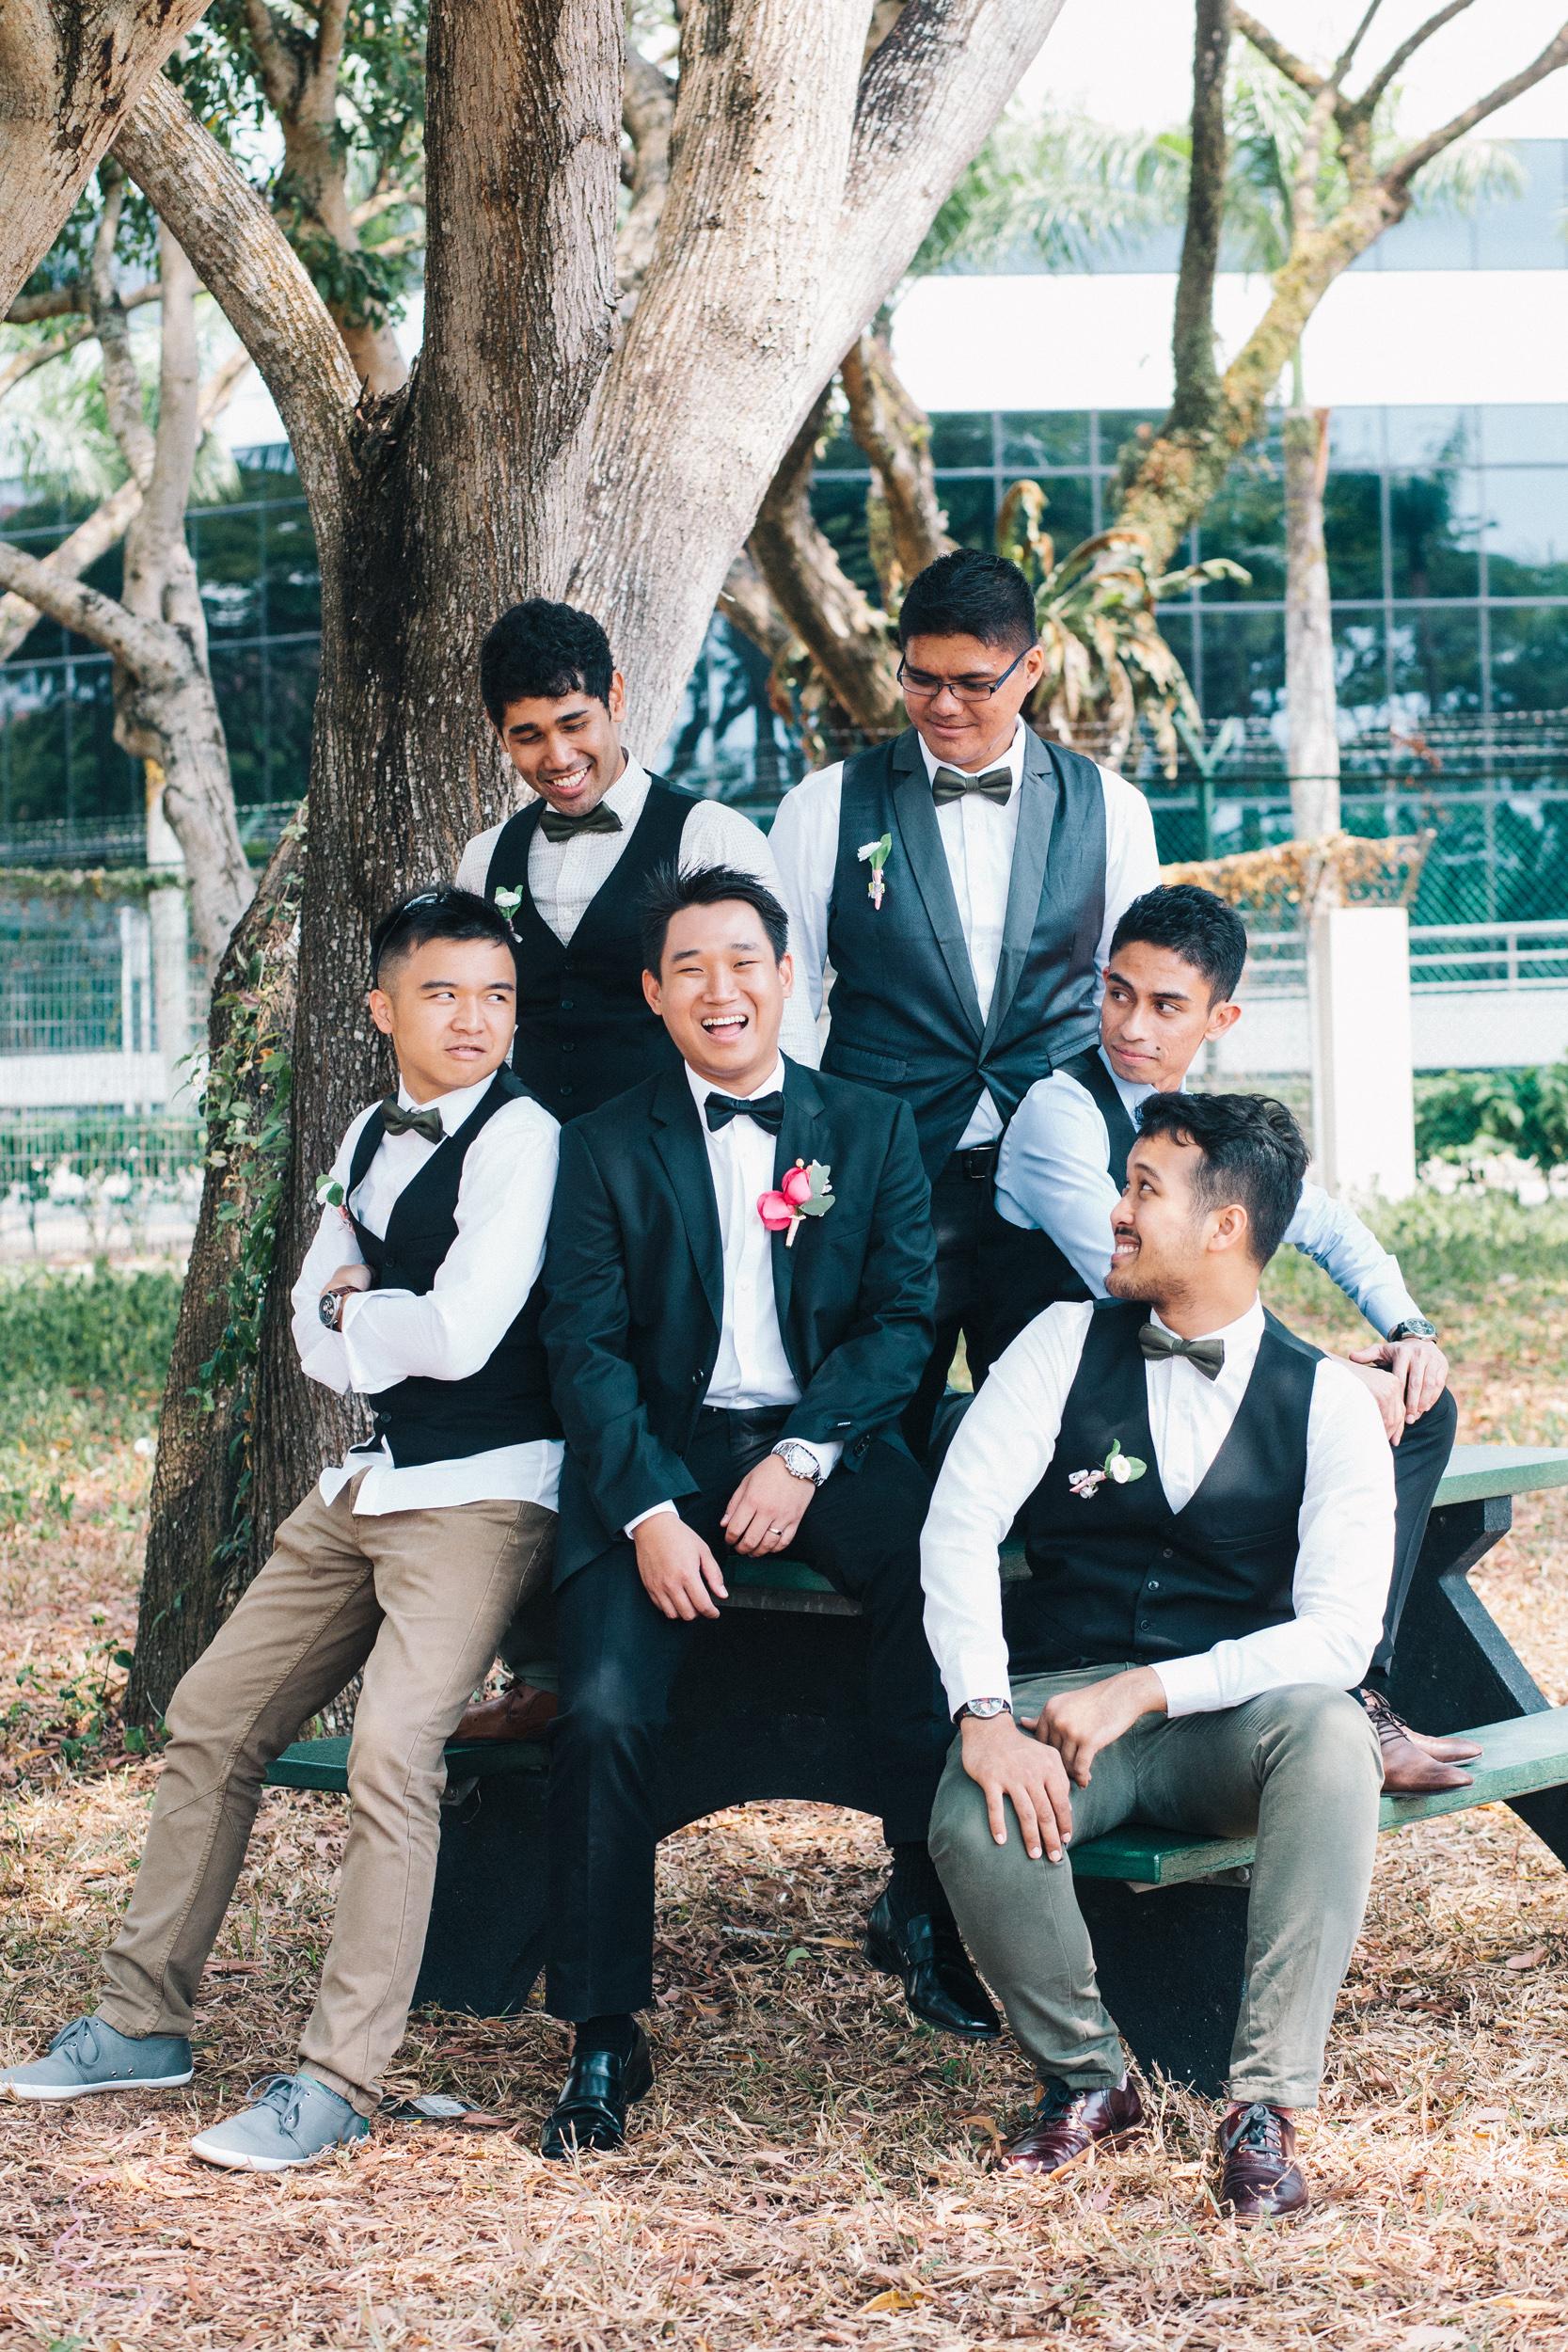 singapore-wedding-photographer-wemadethese-shikin-yanho-038.jpg